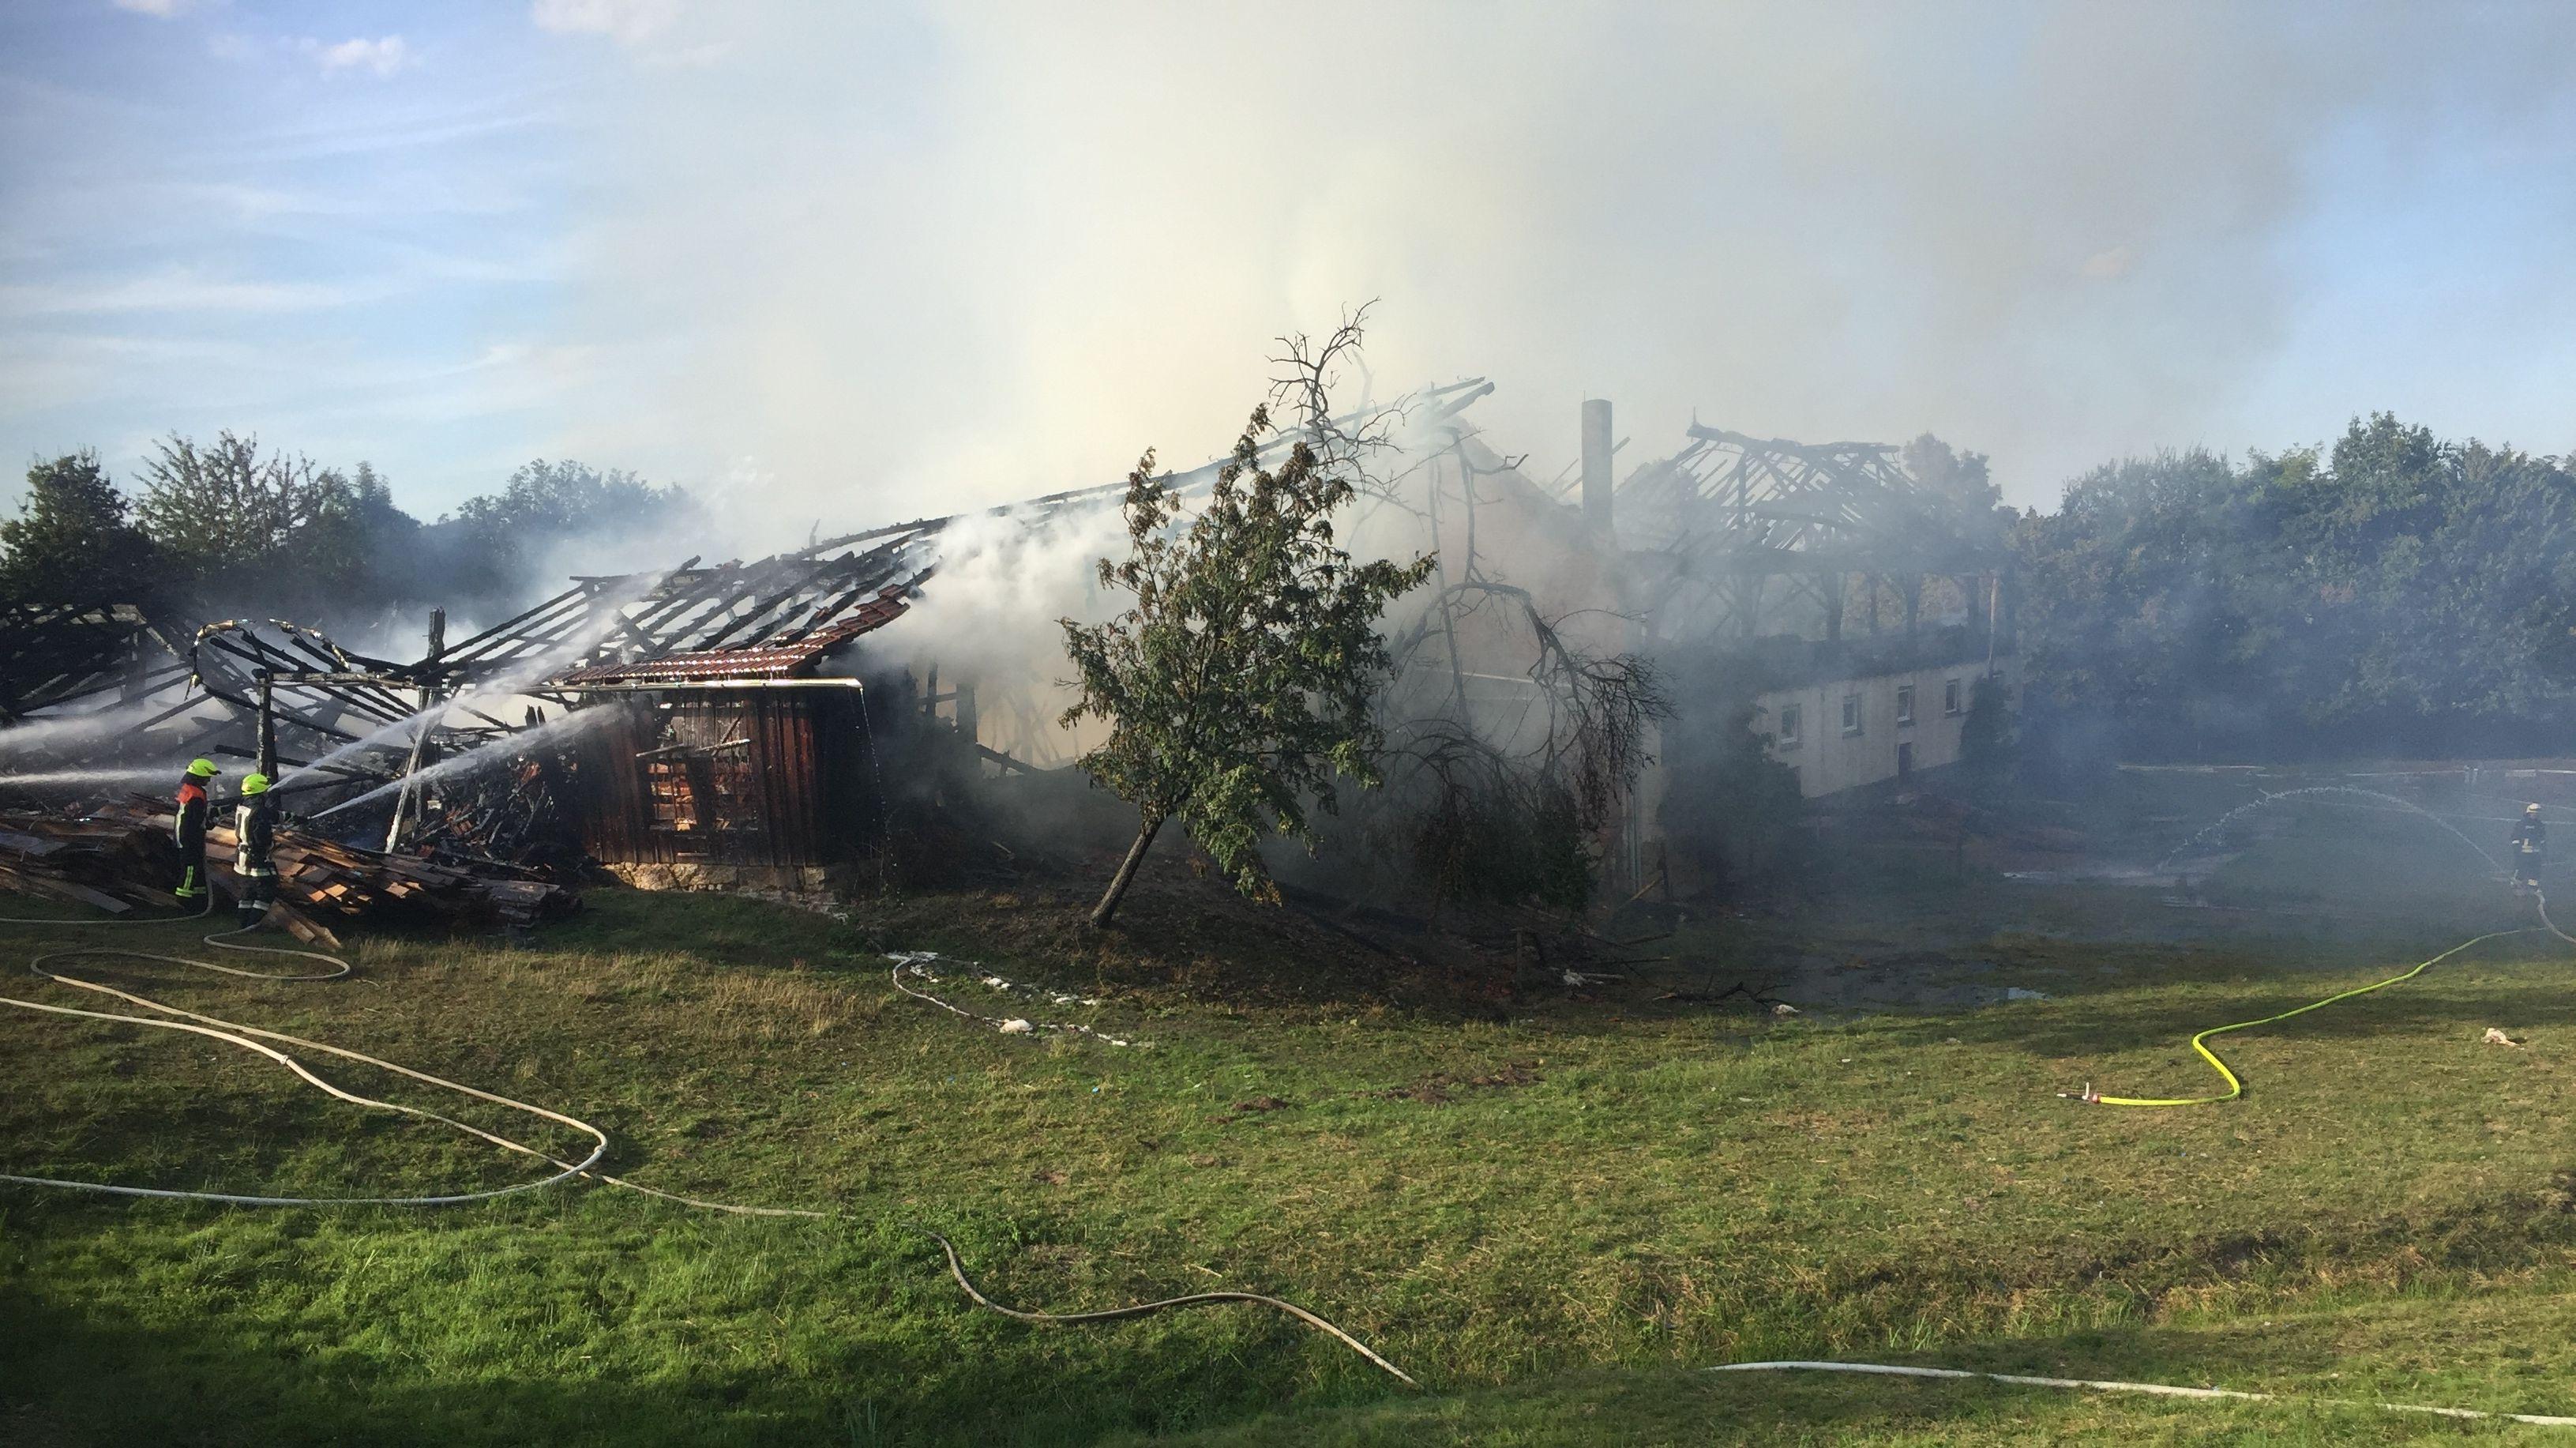 Bauernhof in Eschlbach im Landkreis Passau steht in Flammen